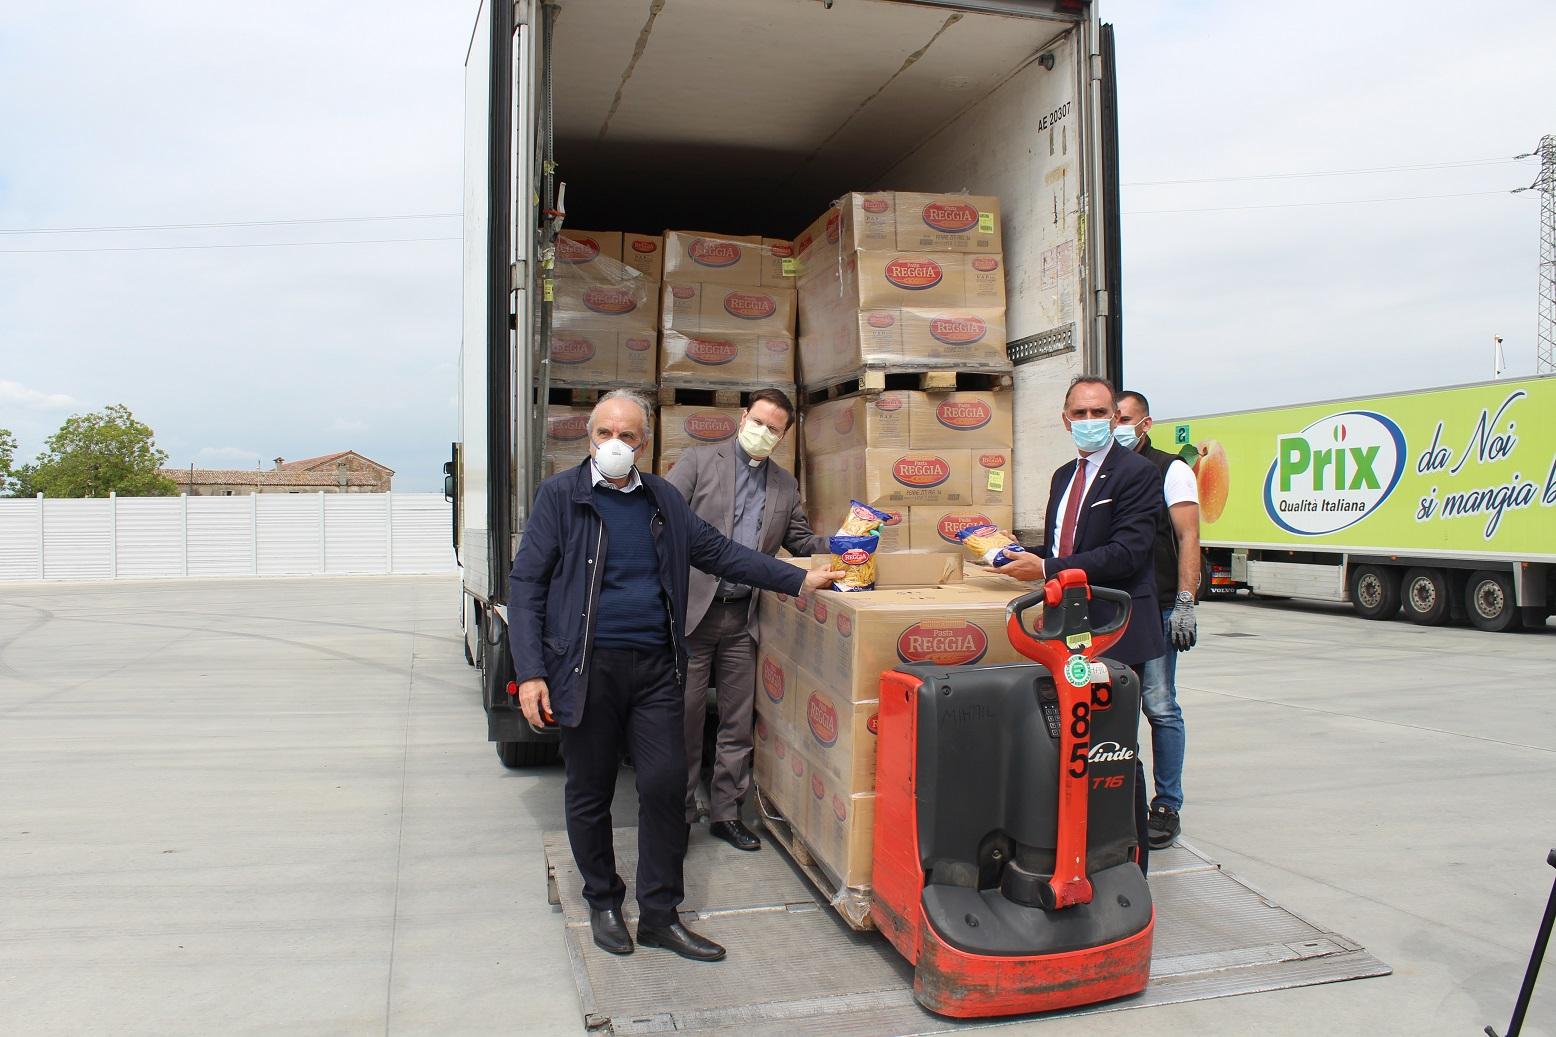 Prix dona 400 quintali di pasta a Caritas per le famiglie in difficoltà